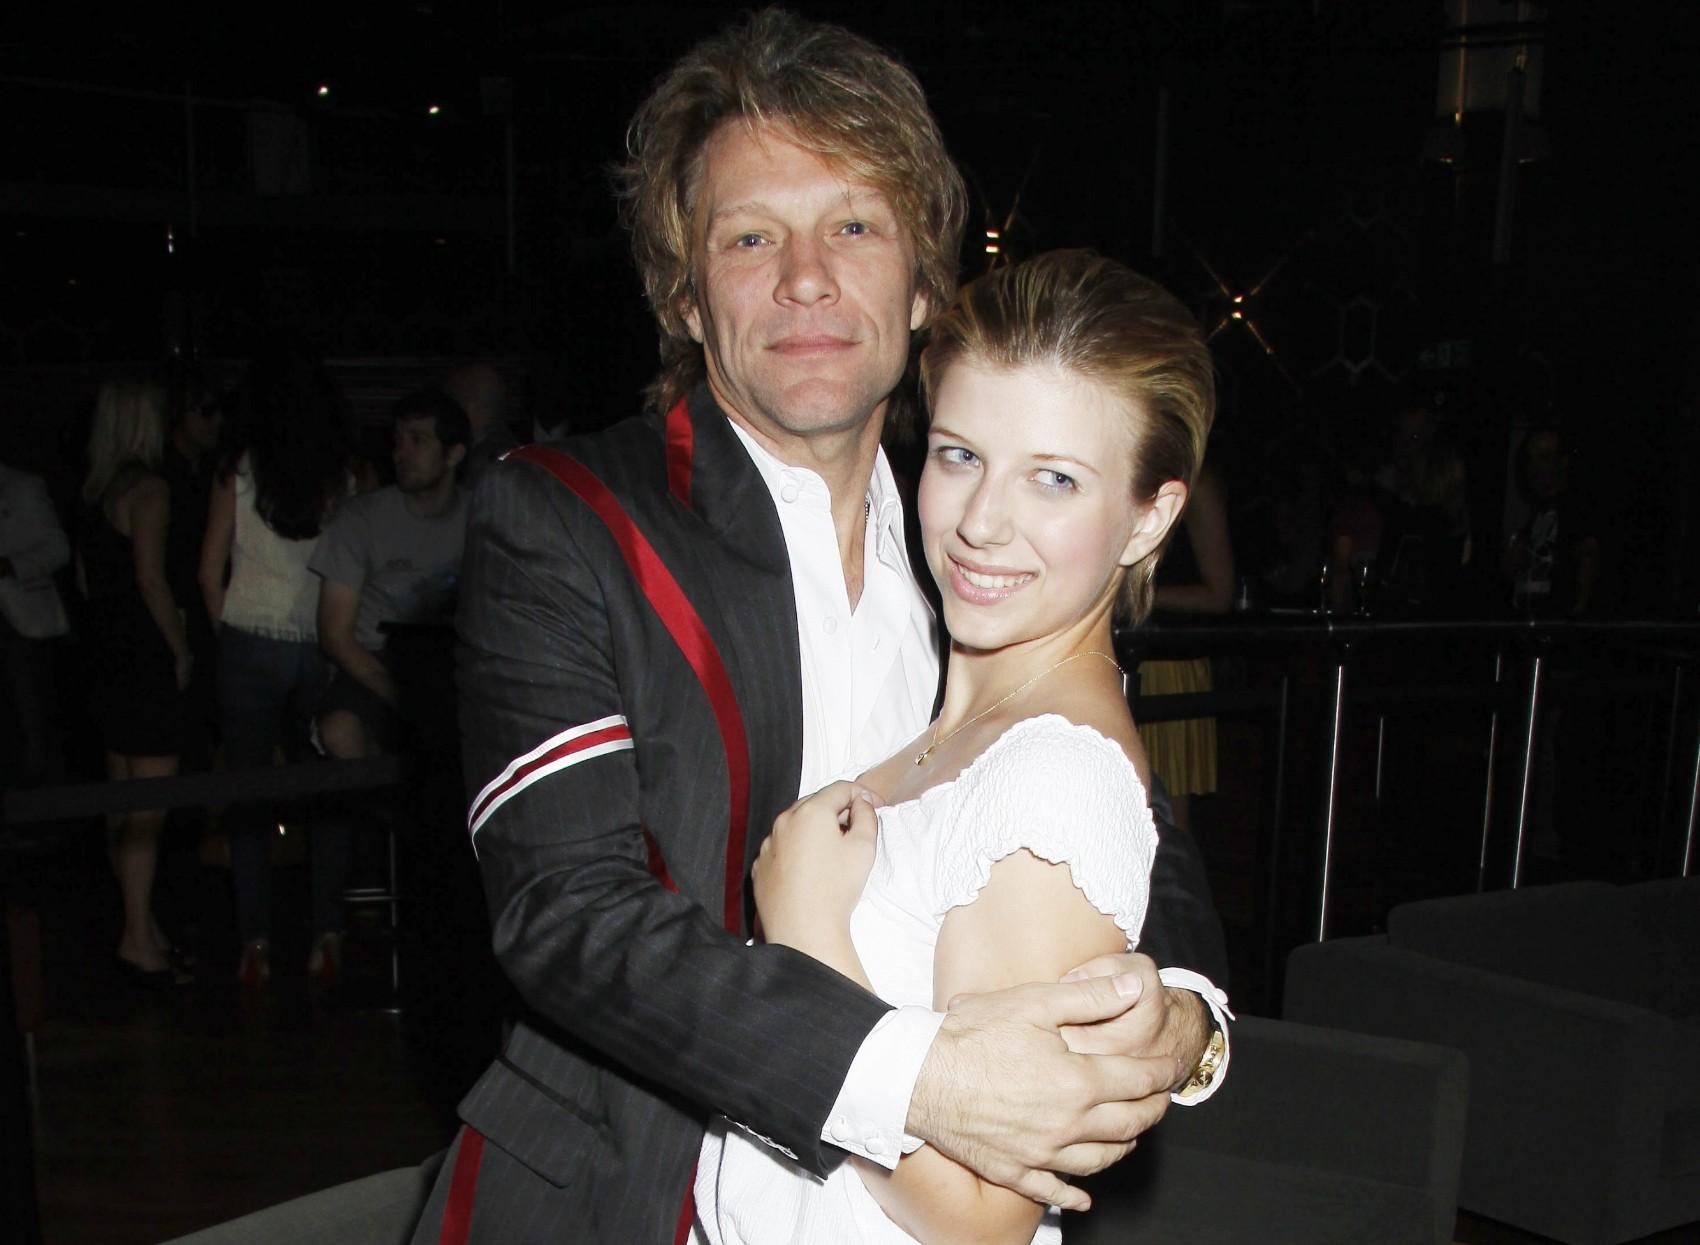 Em novembro de 2012, quando tinha 19 anos, Stephanie Bongiovi, filha do roqueiro Jon Bon Jovi, sofreu uma overdose de heroína em seu dormitório na universidade. (Foto: Getty Images)